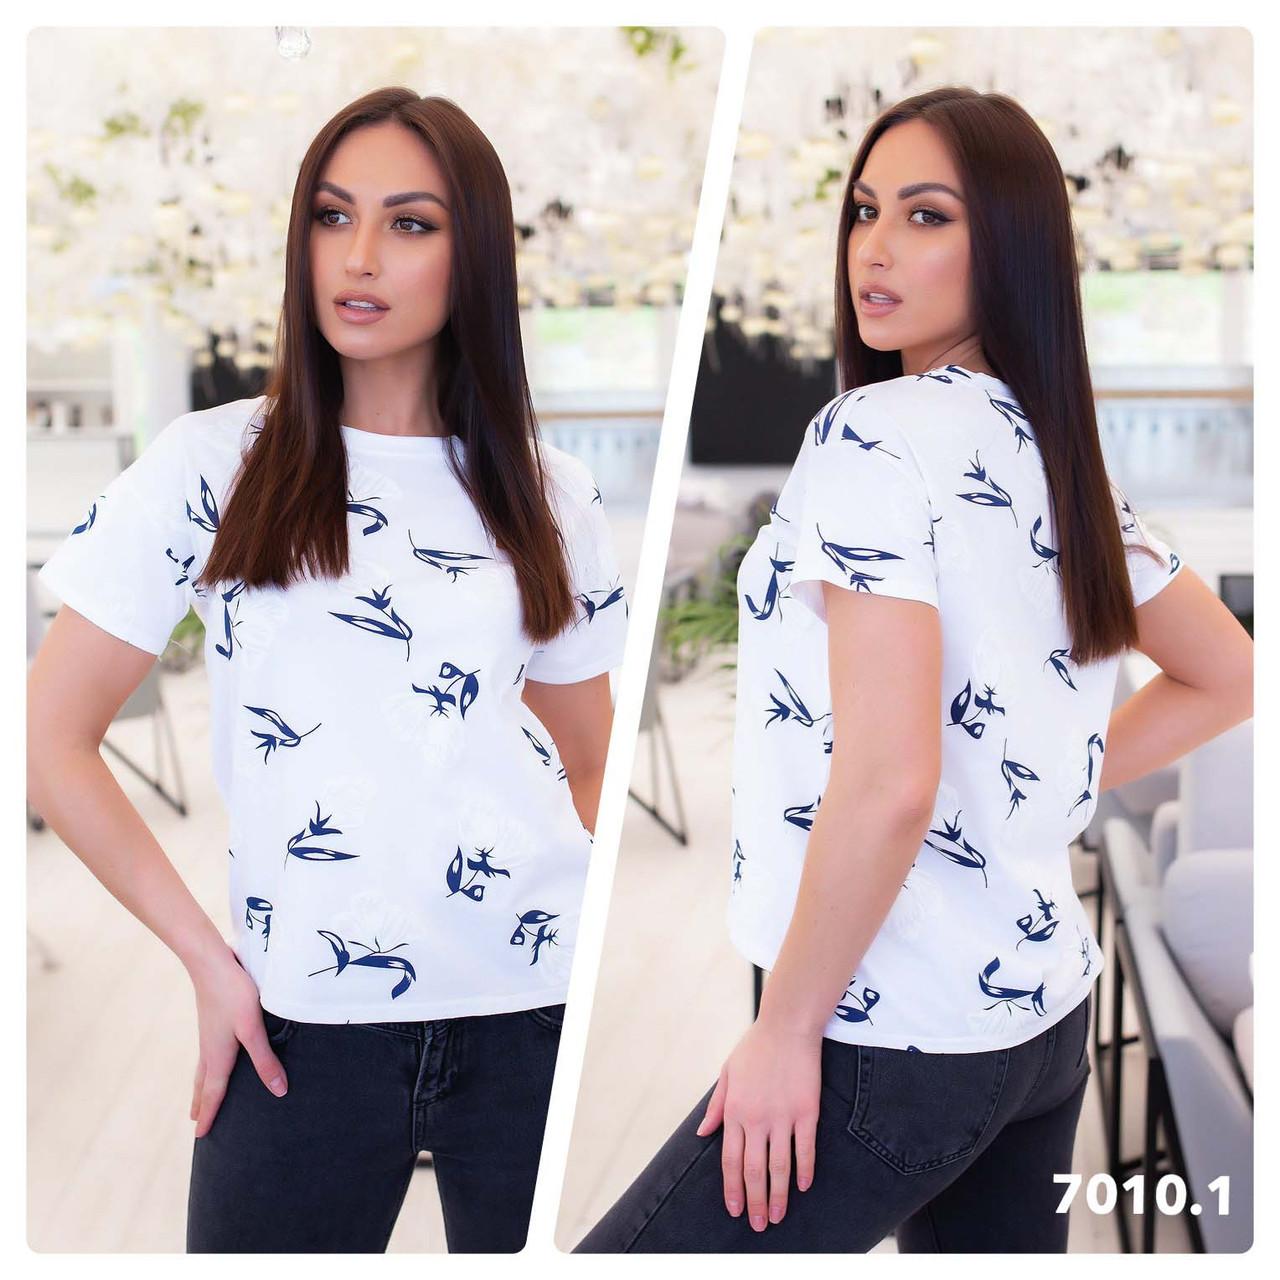 """Женская стильная футболка в больших размерах 7010 """"Хлопок Принт Шеврон"""" в расцветках"""